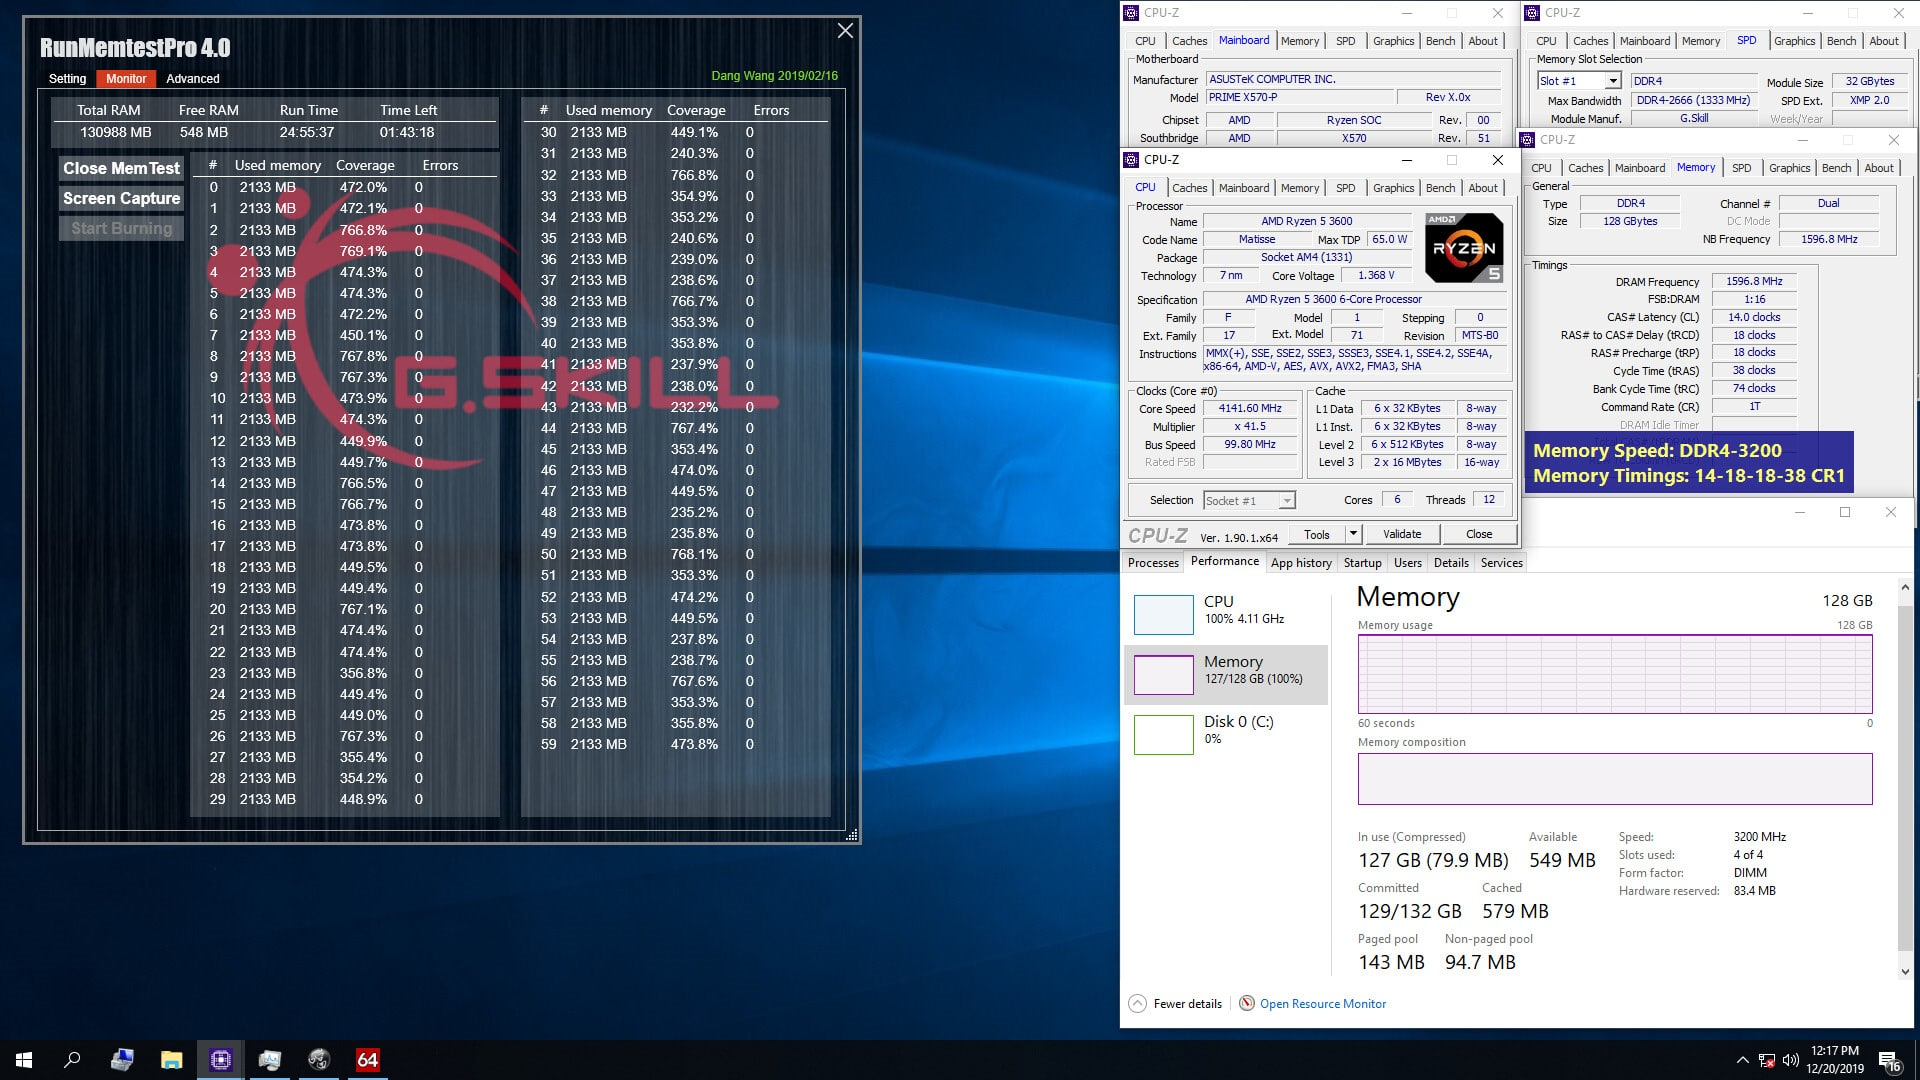 G.Skill DDR4-3200 CL14 3600